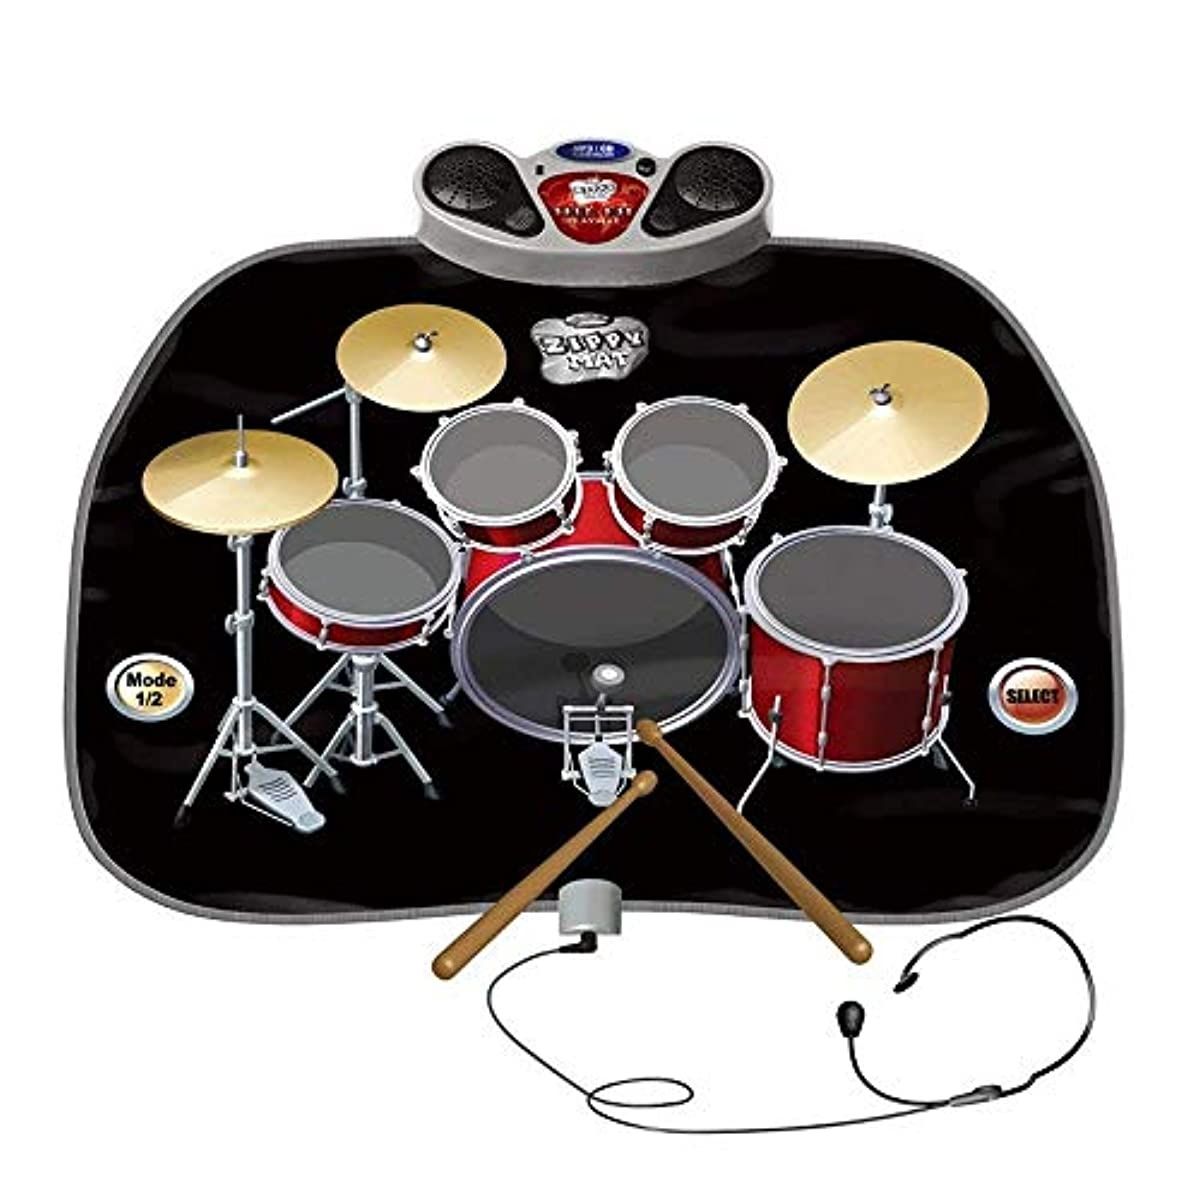 [해외] 전기 뮤지컬 gaming 마우스 패드 장난감 악기 드럼 키트 세트는,마이크 & 드럼 스틱과 헤드폰이 포함되어 있음 마스코공을 위한 MP3/CD 앰프